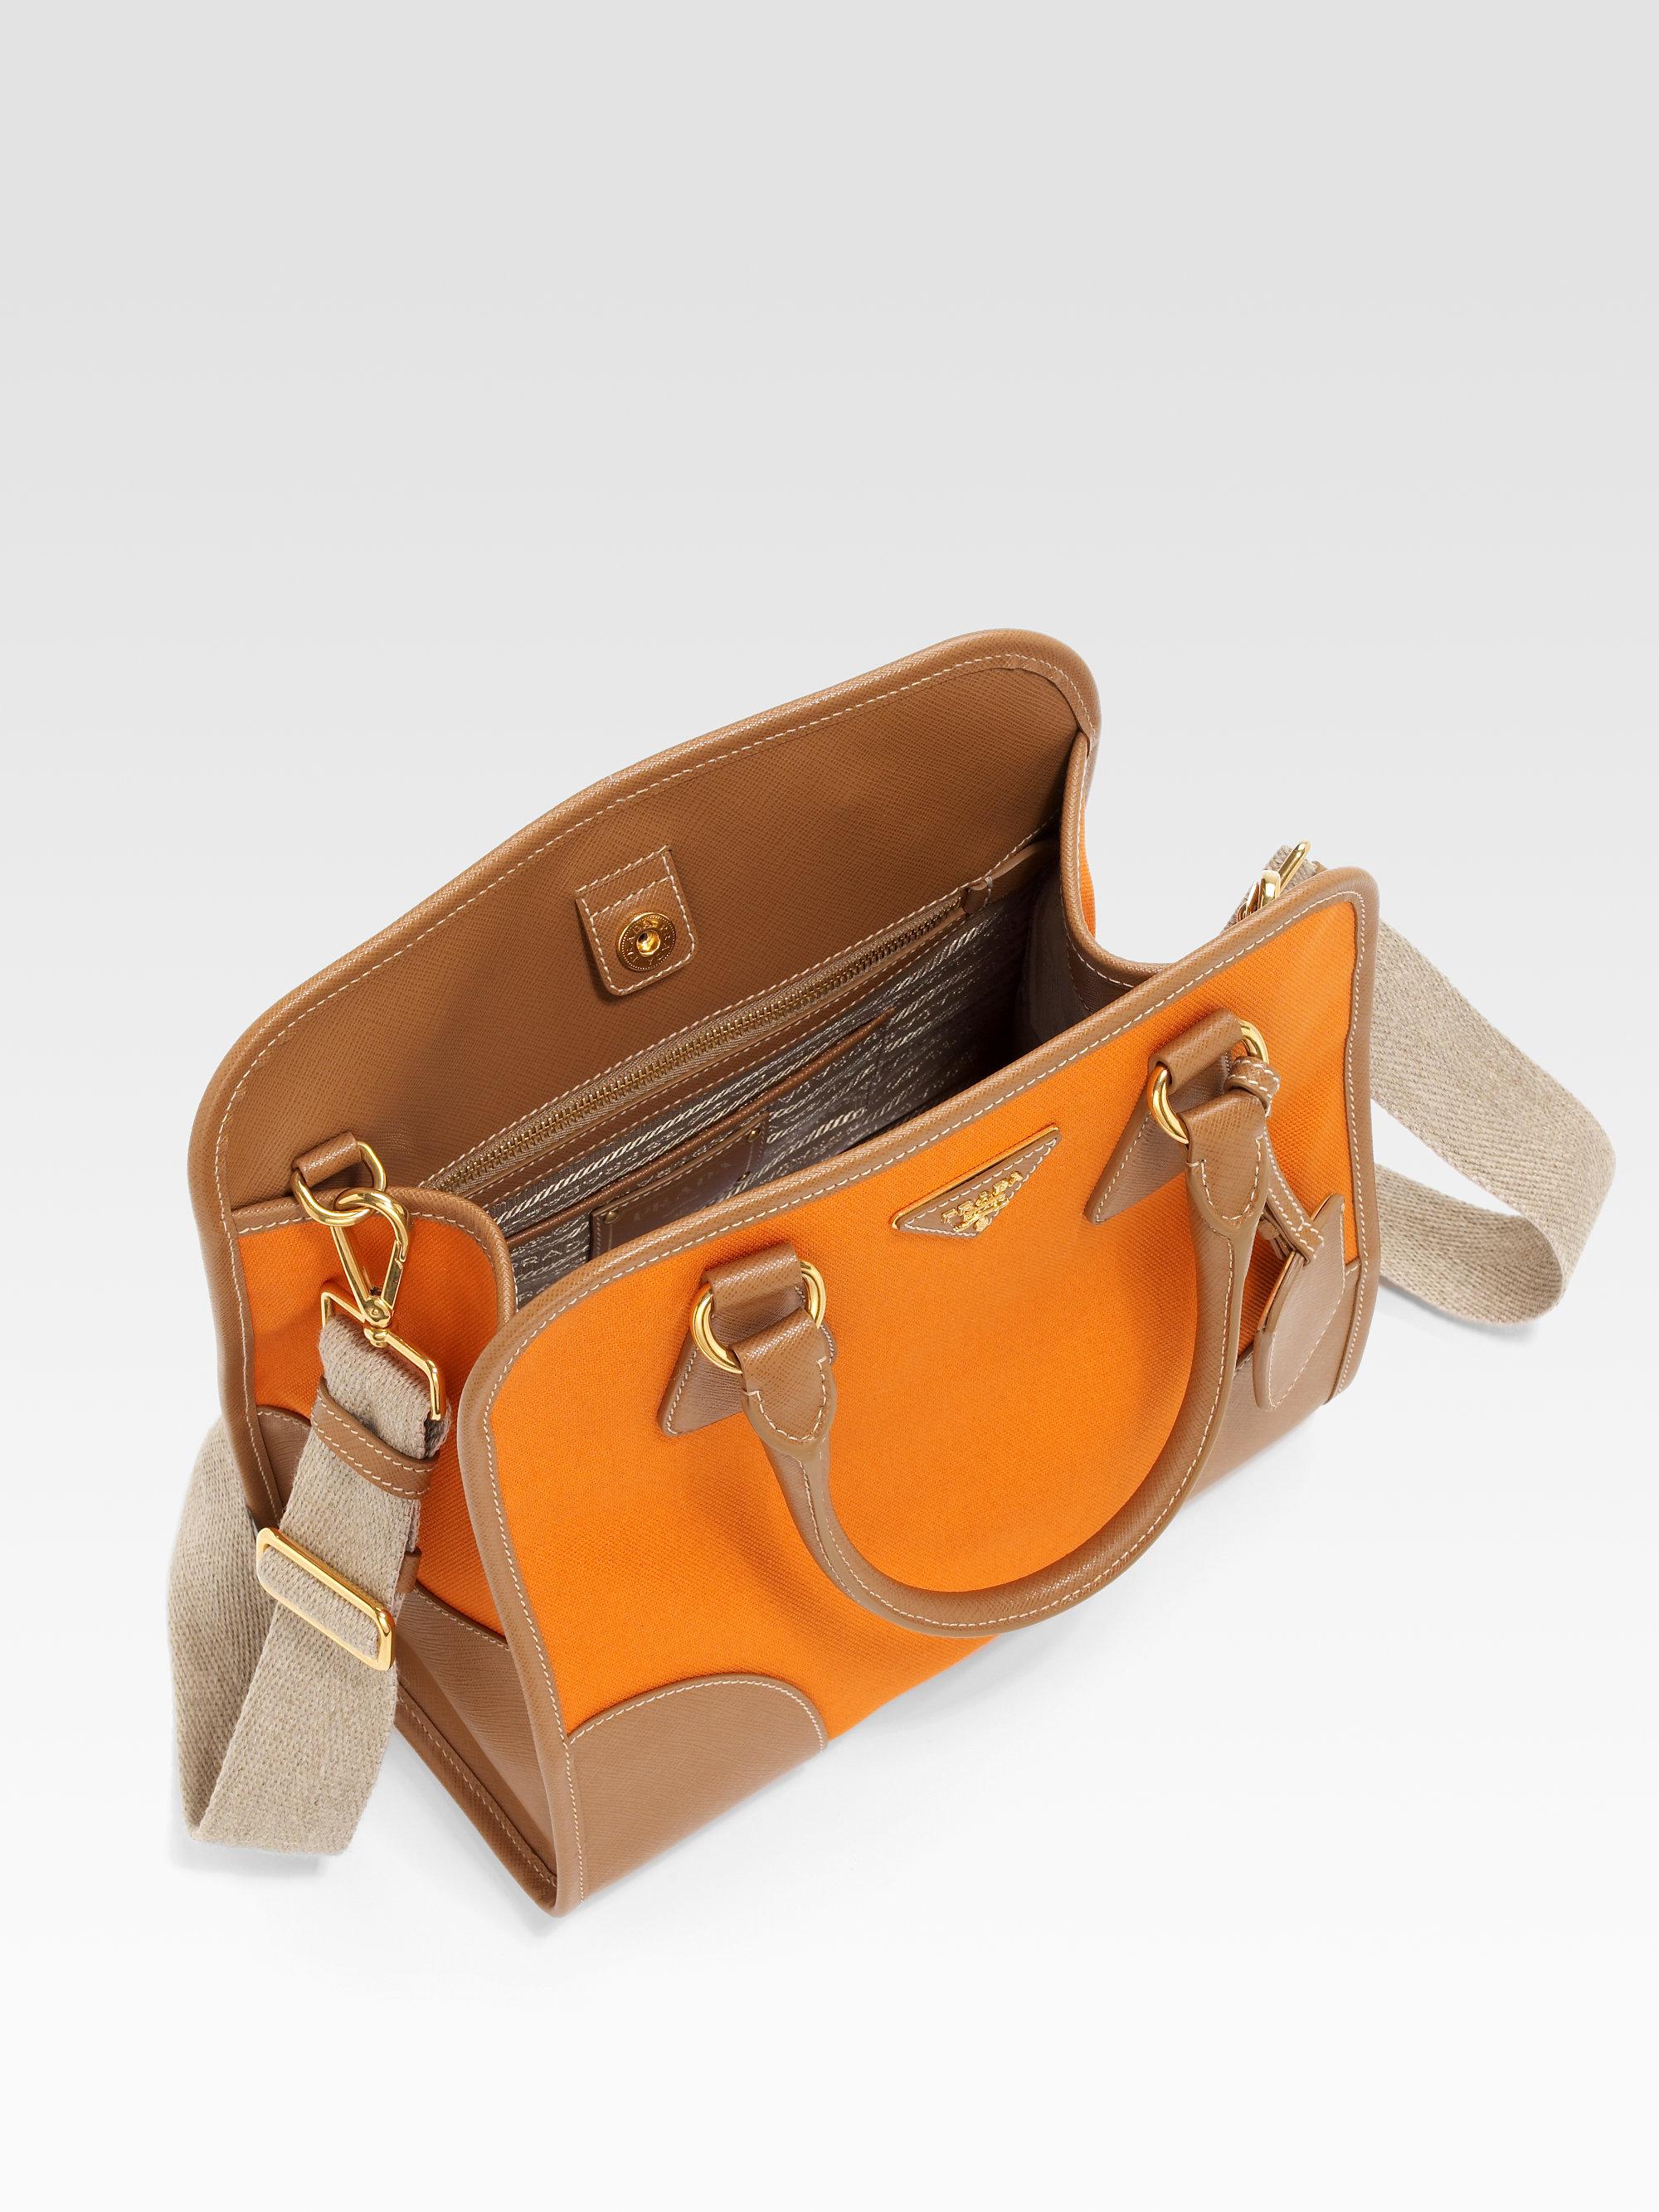 prada ostrich leather handbag - Prada Saffiano Leather Canvas Tote Bag in Orange (papaya) | Lyst